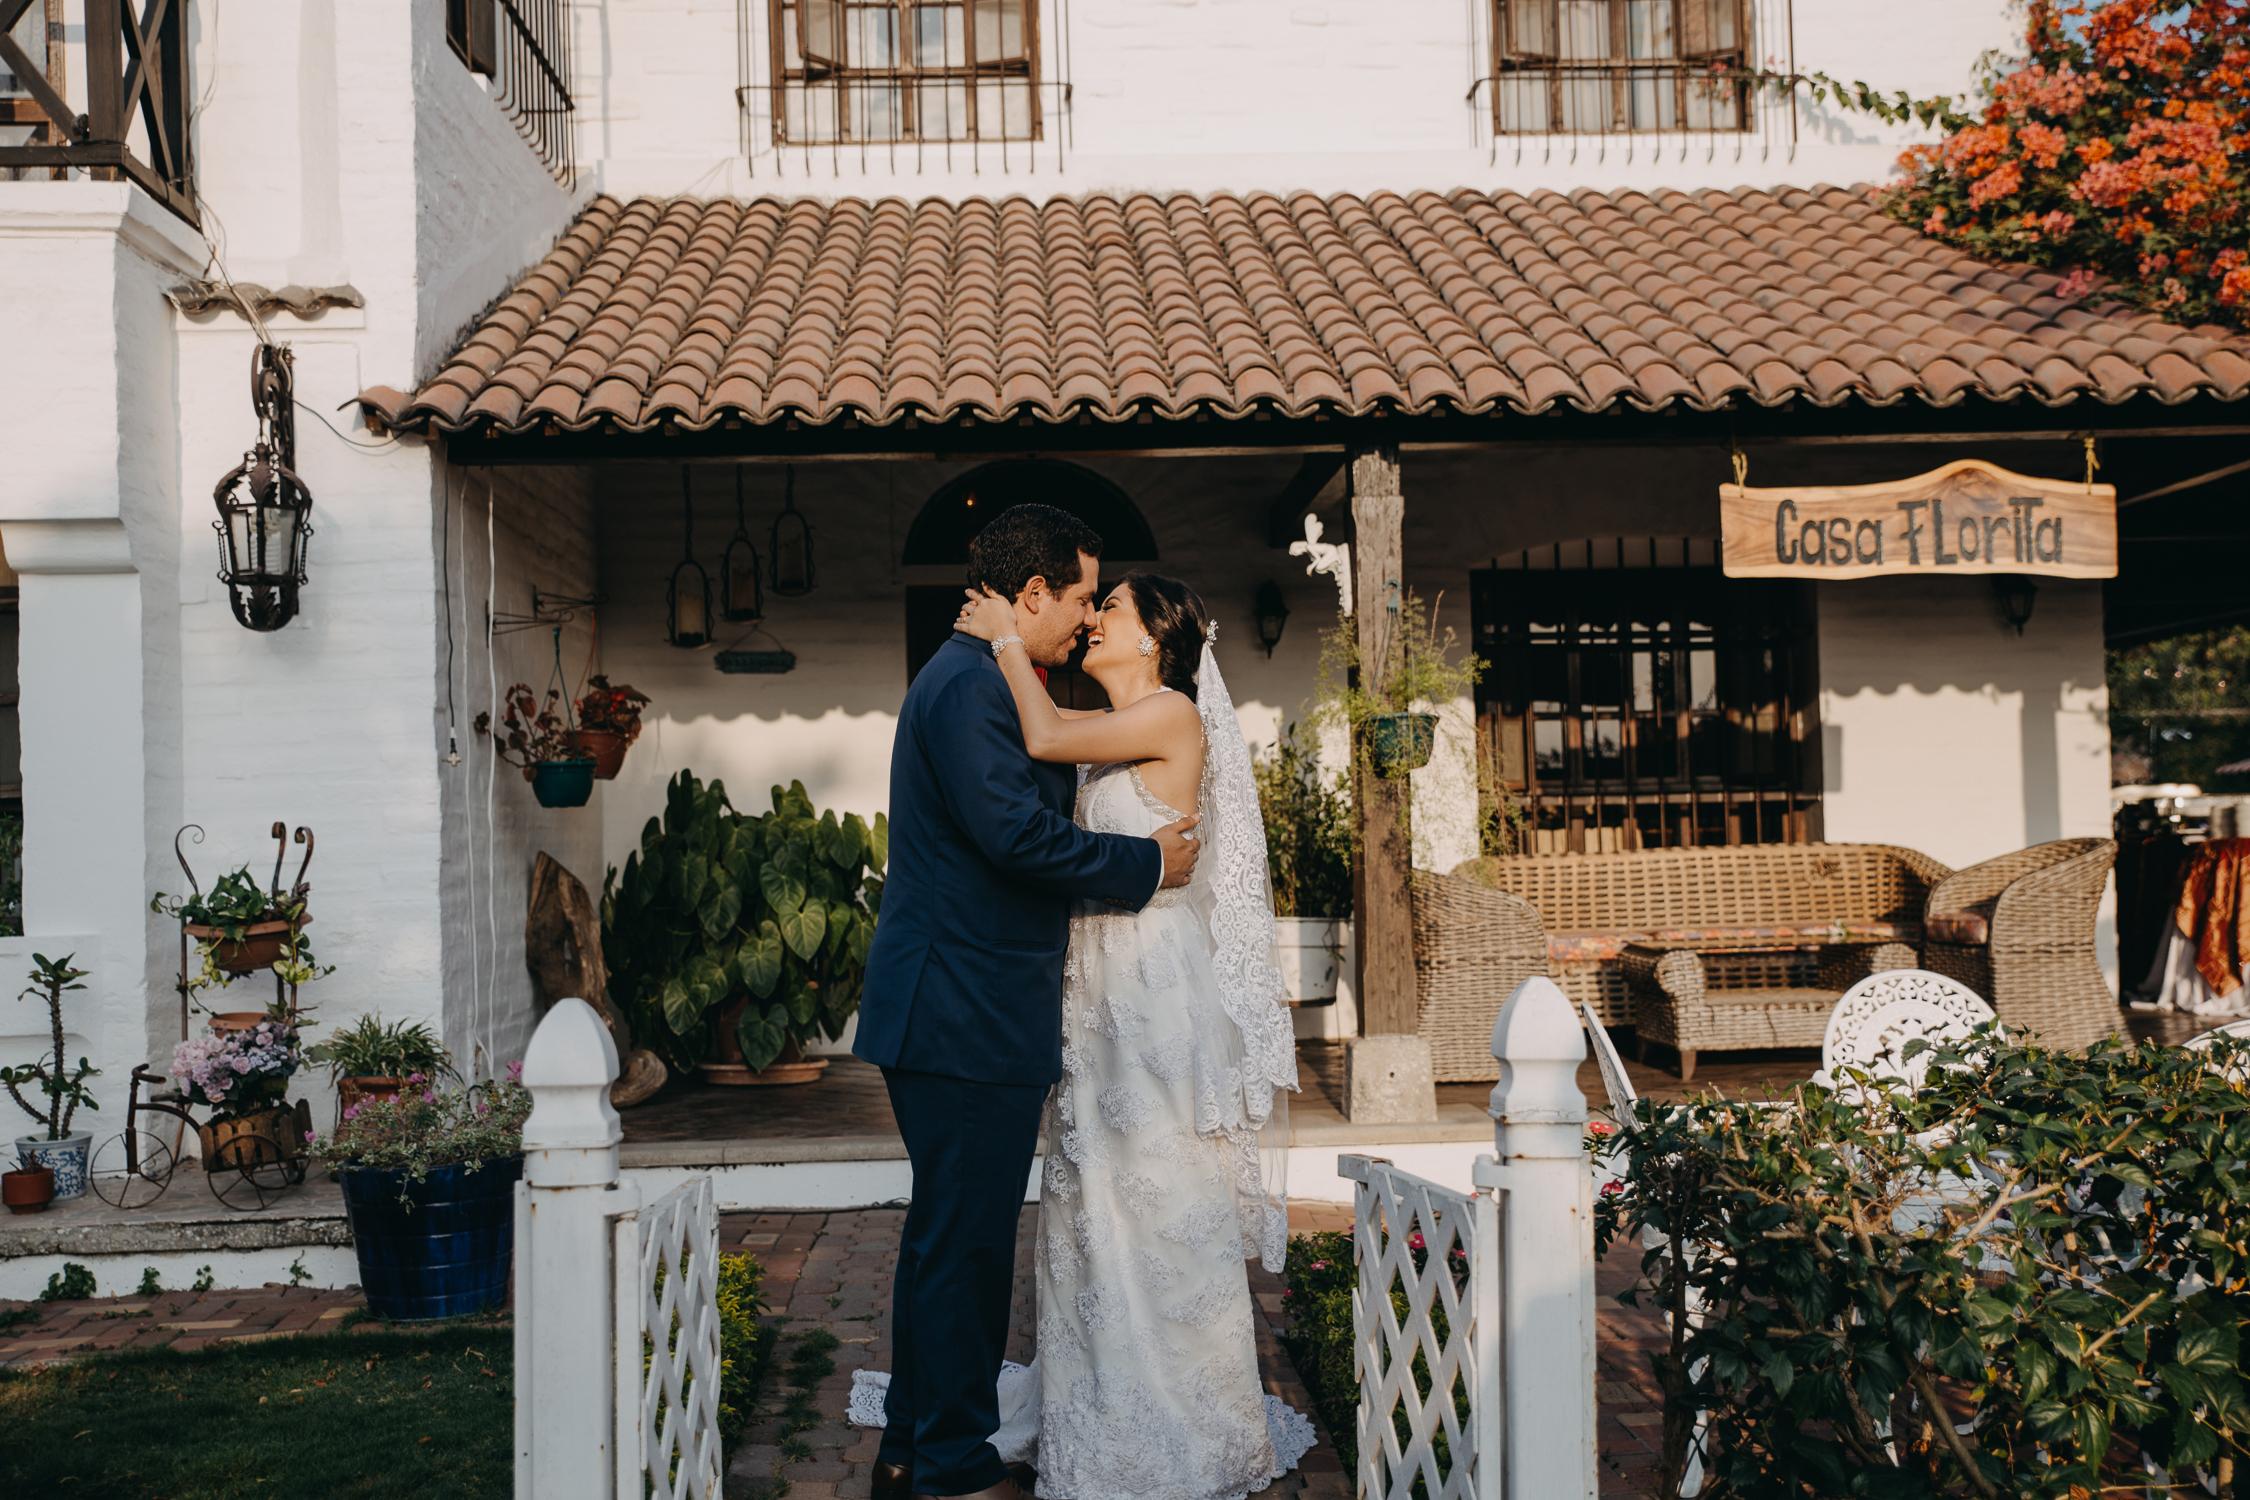 Michelle-Agurto-Fotografia-Bodas-Ecuador-Destination-Wedding-Photographer-Cristi-Luis-80.JPG